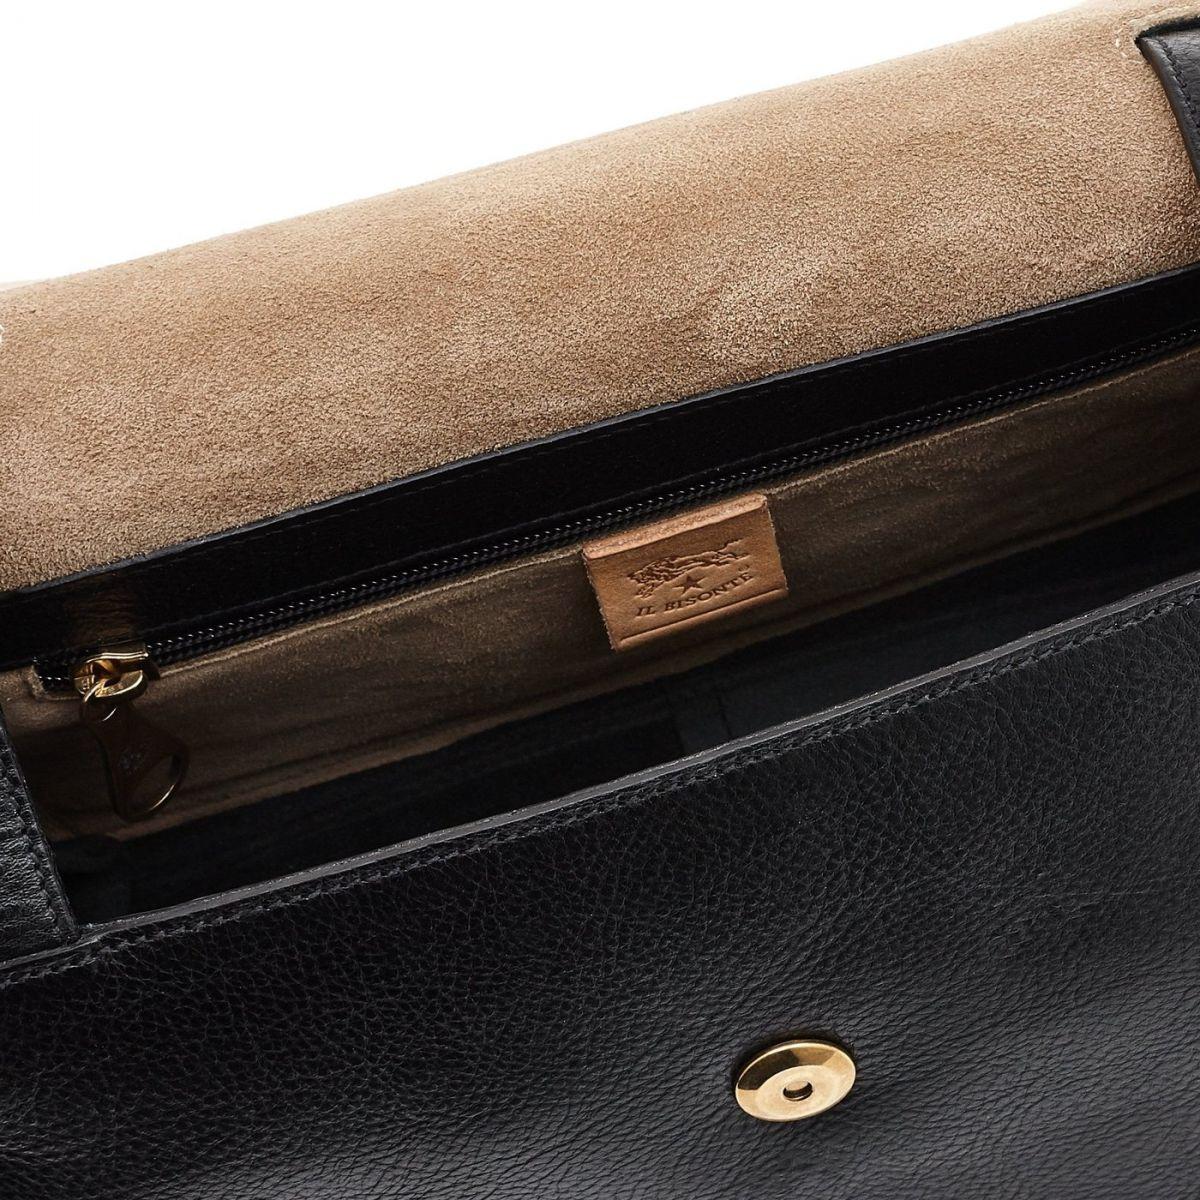 Sac Bandouliere pour Femme Soffietto en Cuir De Vachette BCR127 couleur Noir | Details